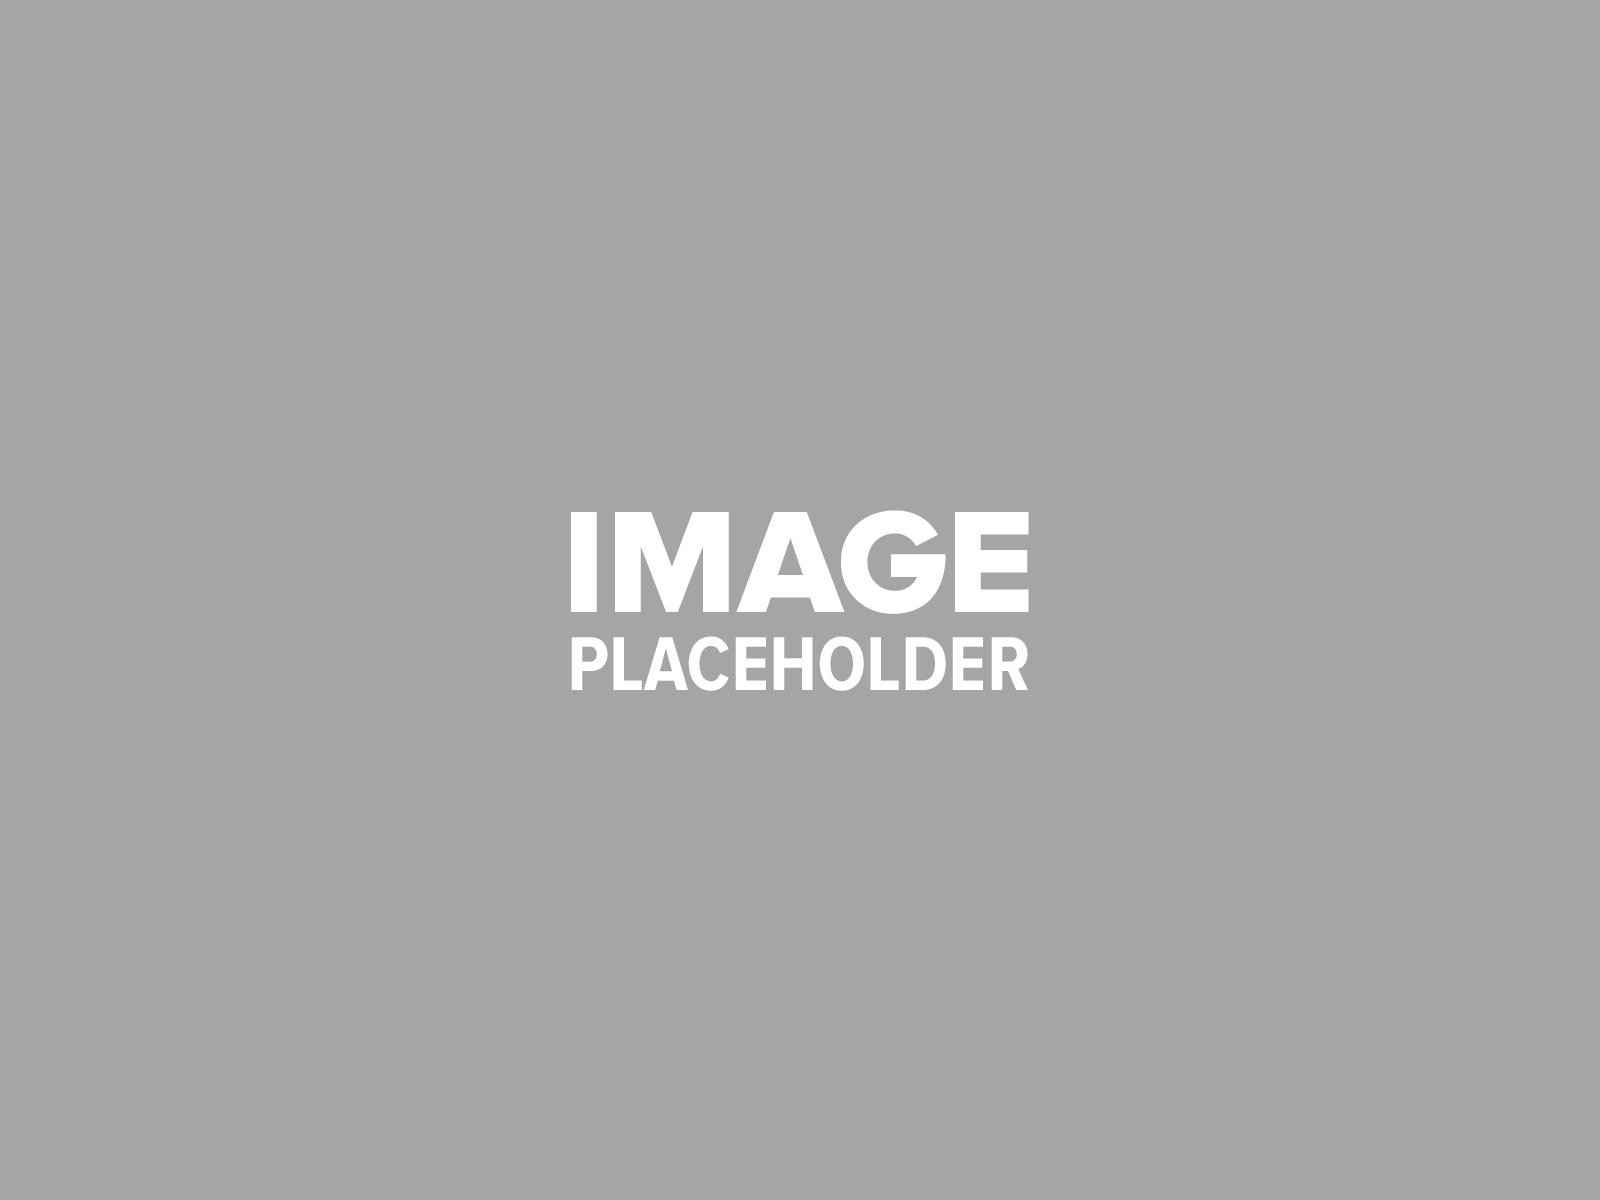 pojo placeholder 3 - Food